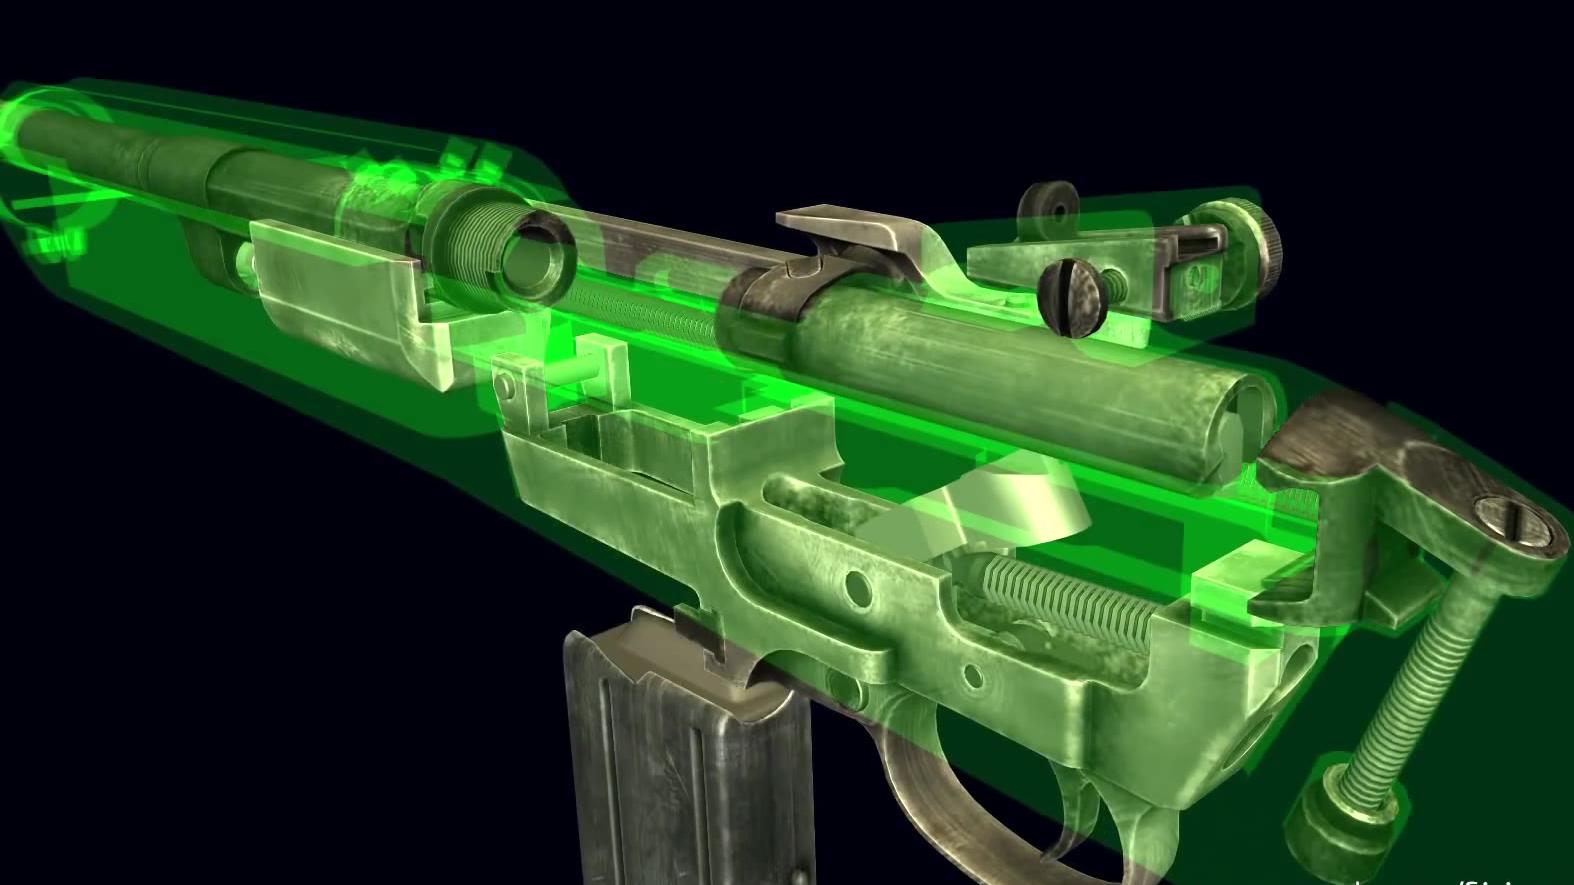 【透视眼】M1 carbine 真铁如何运作?